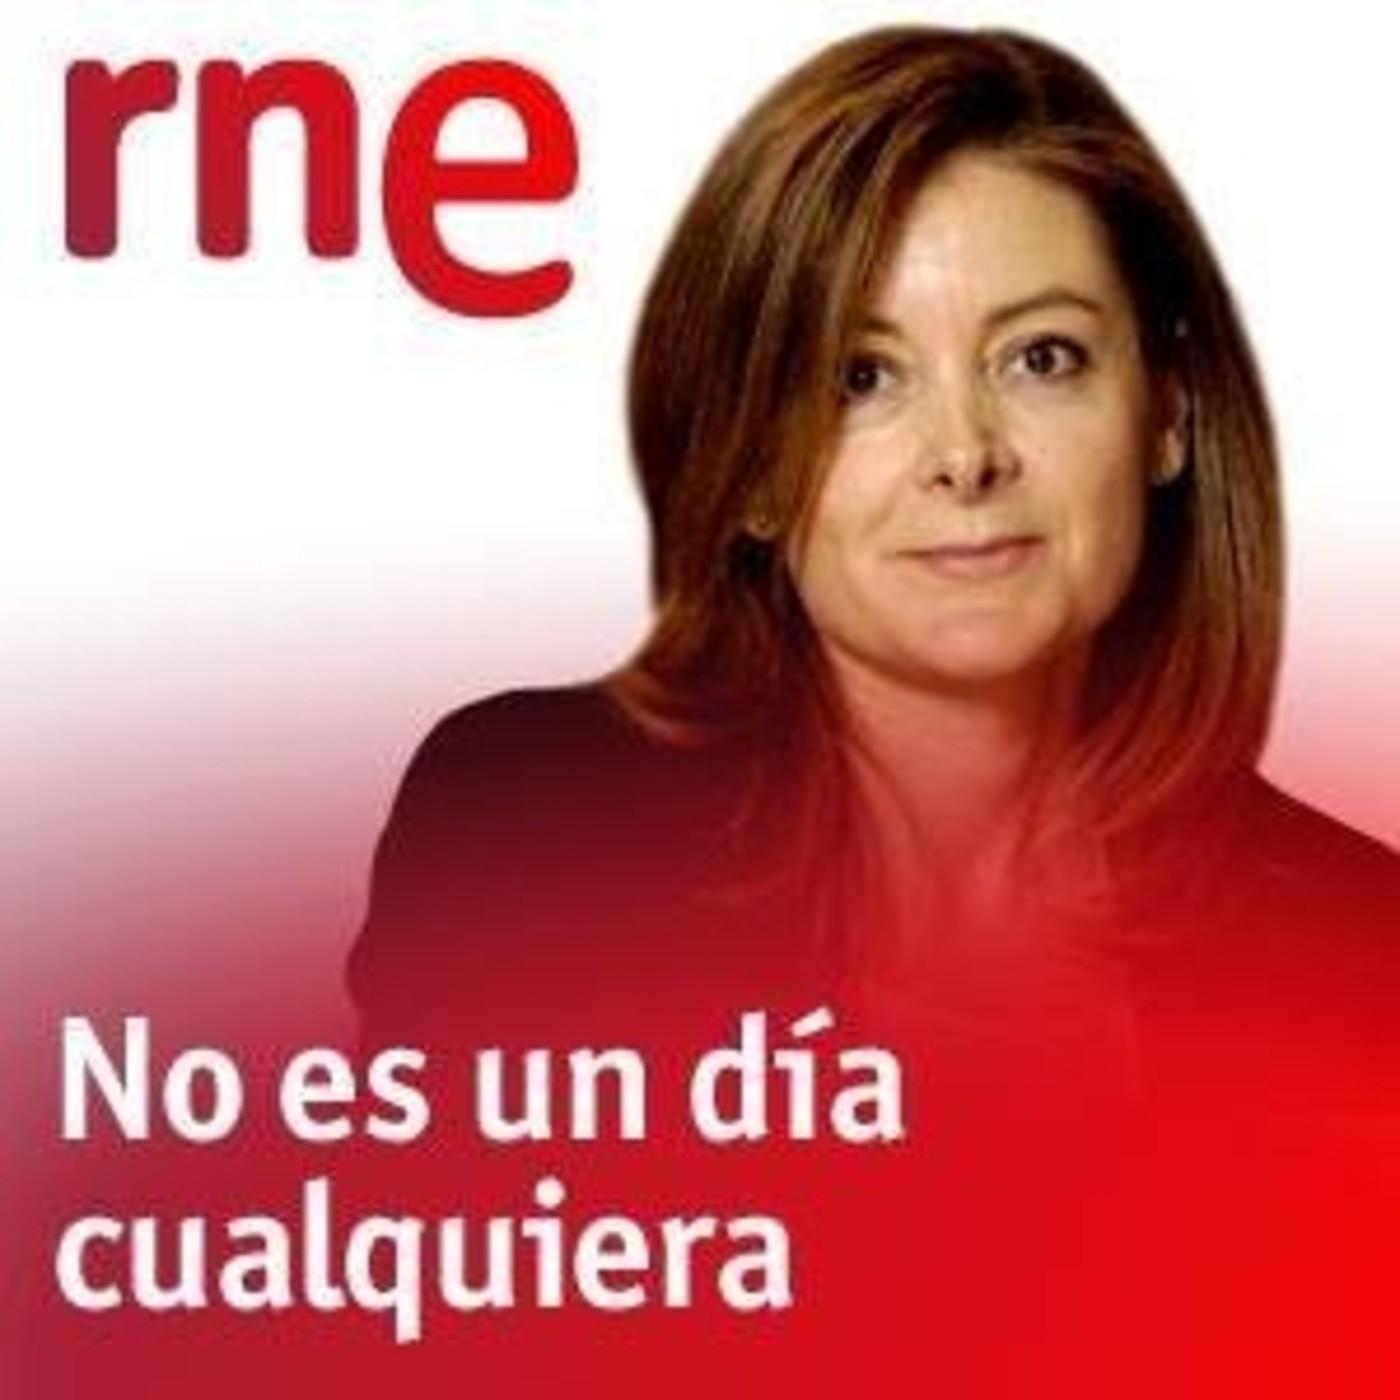 Escuchante de No es un dia Cualquiera 04/03/2018